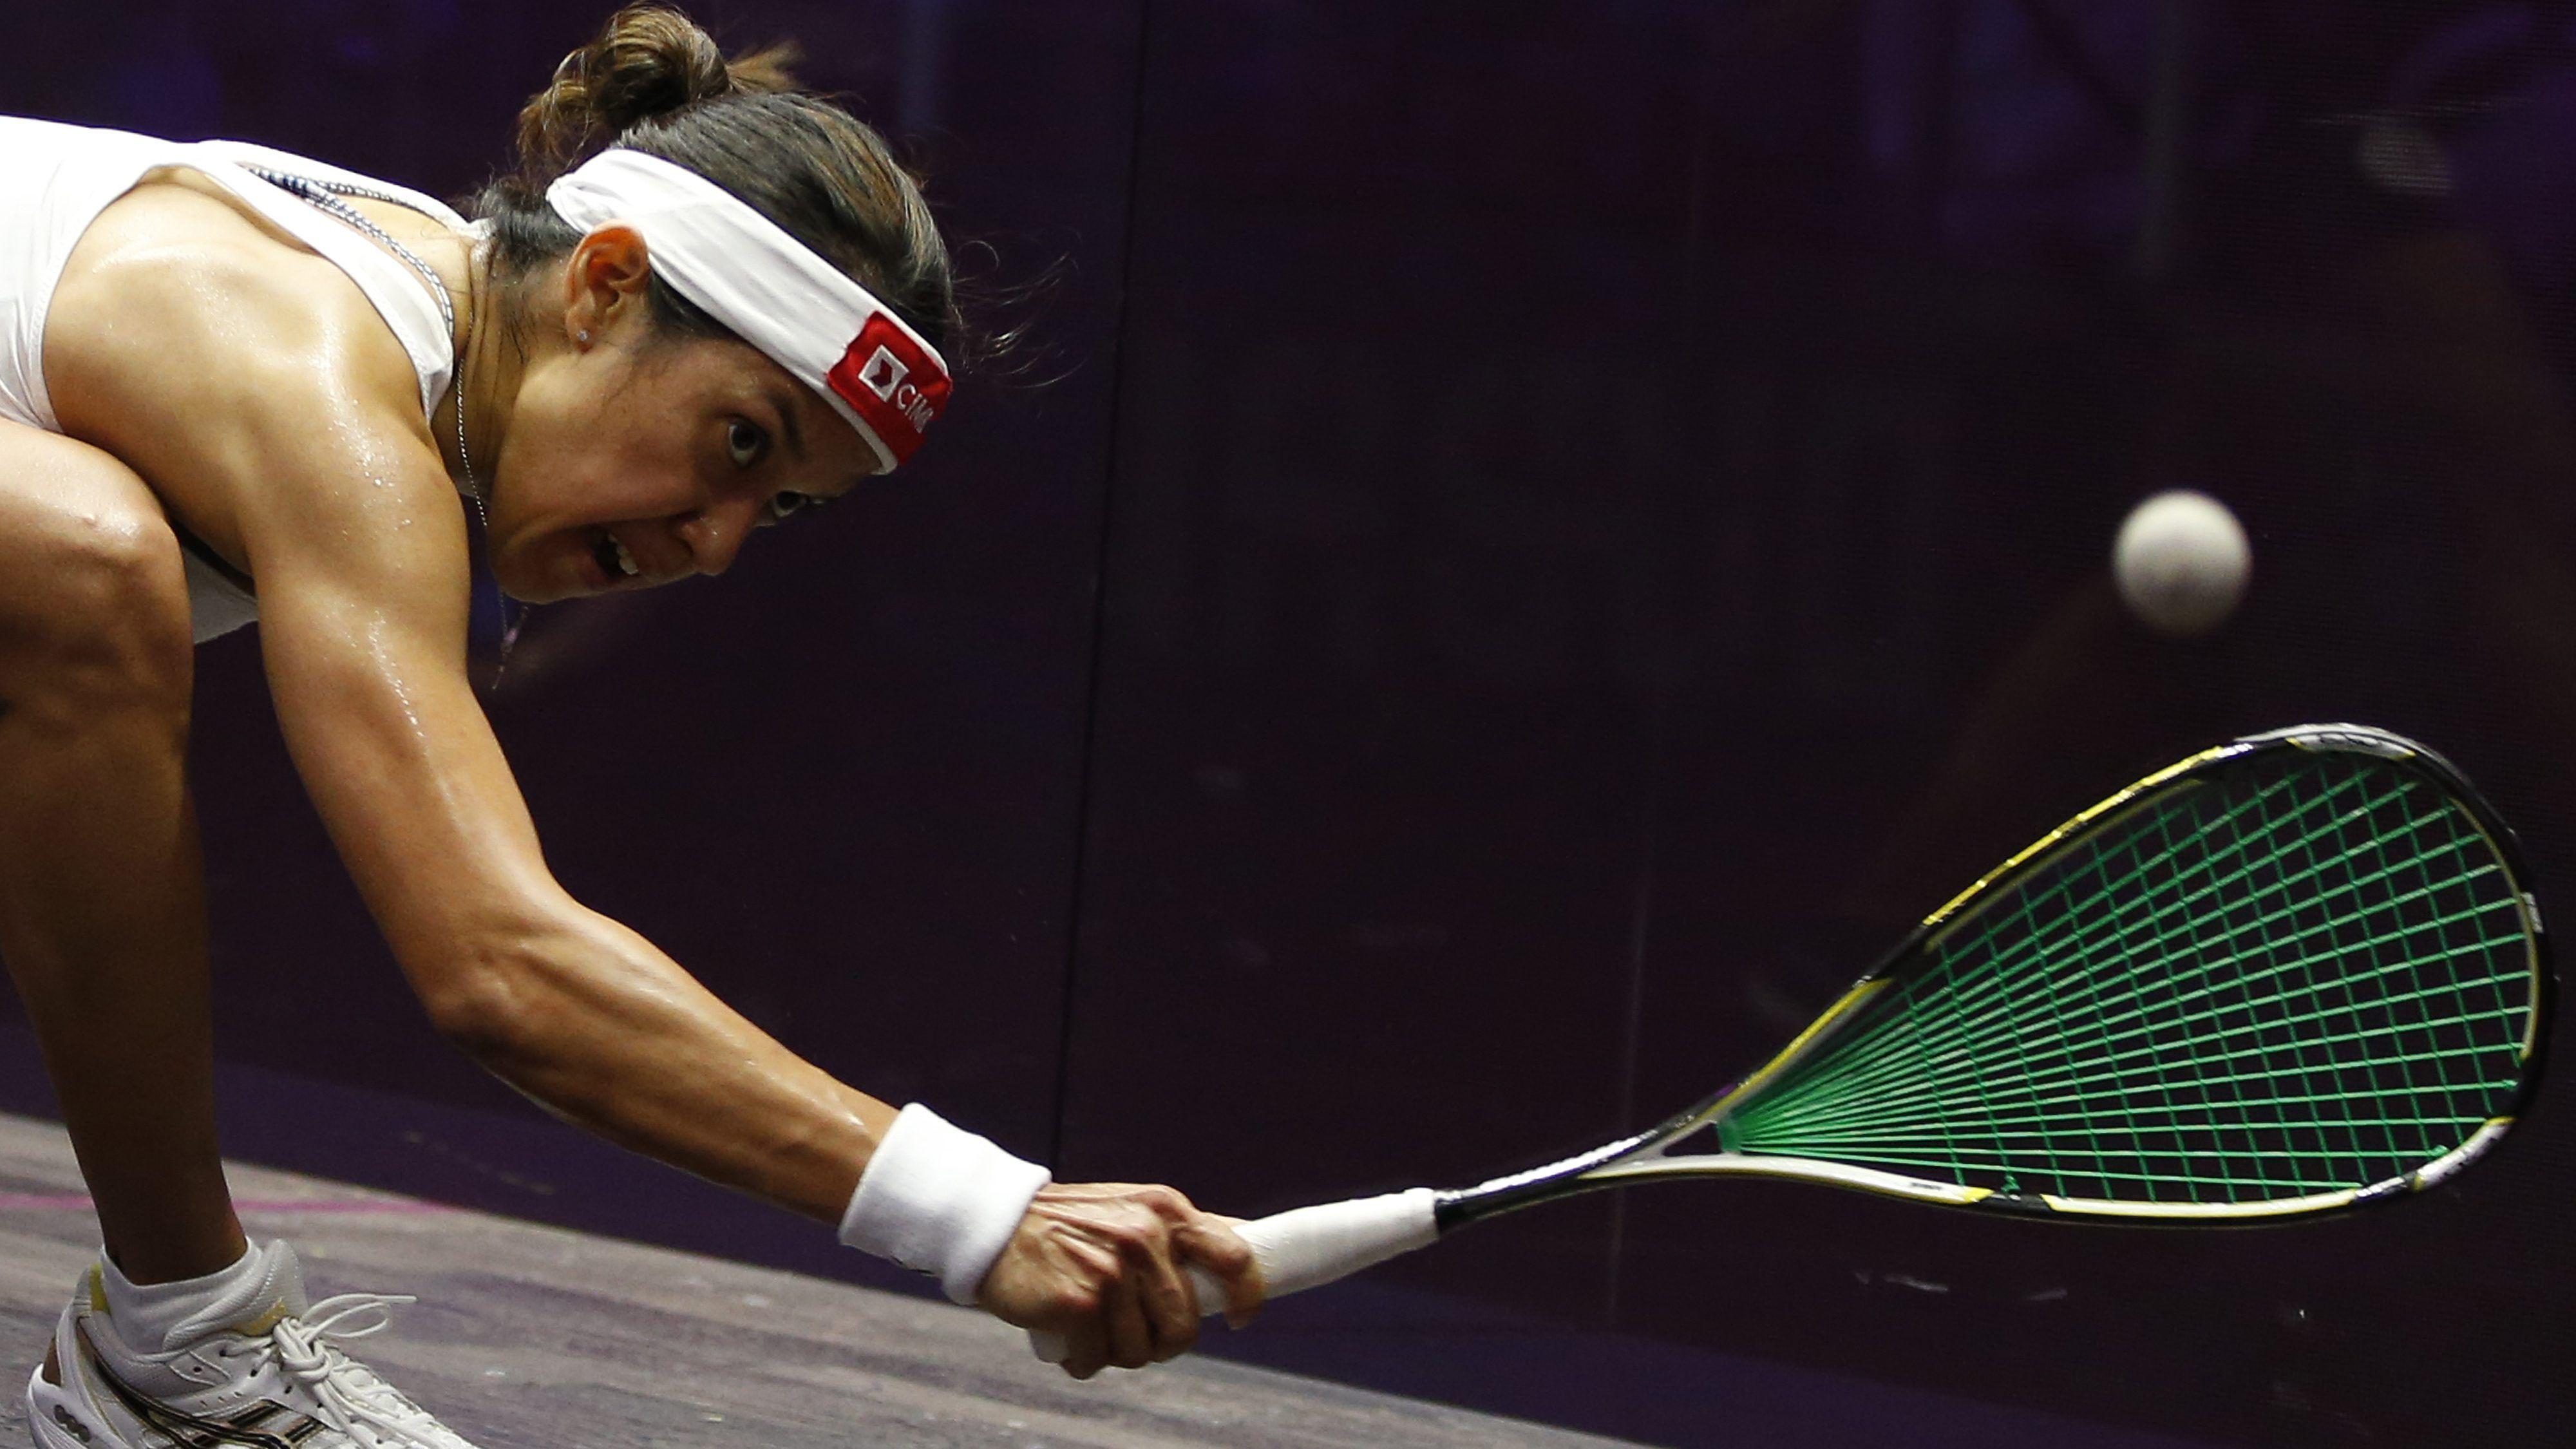 Squash Image URL